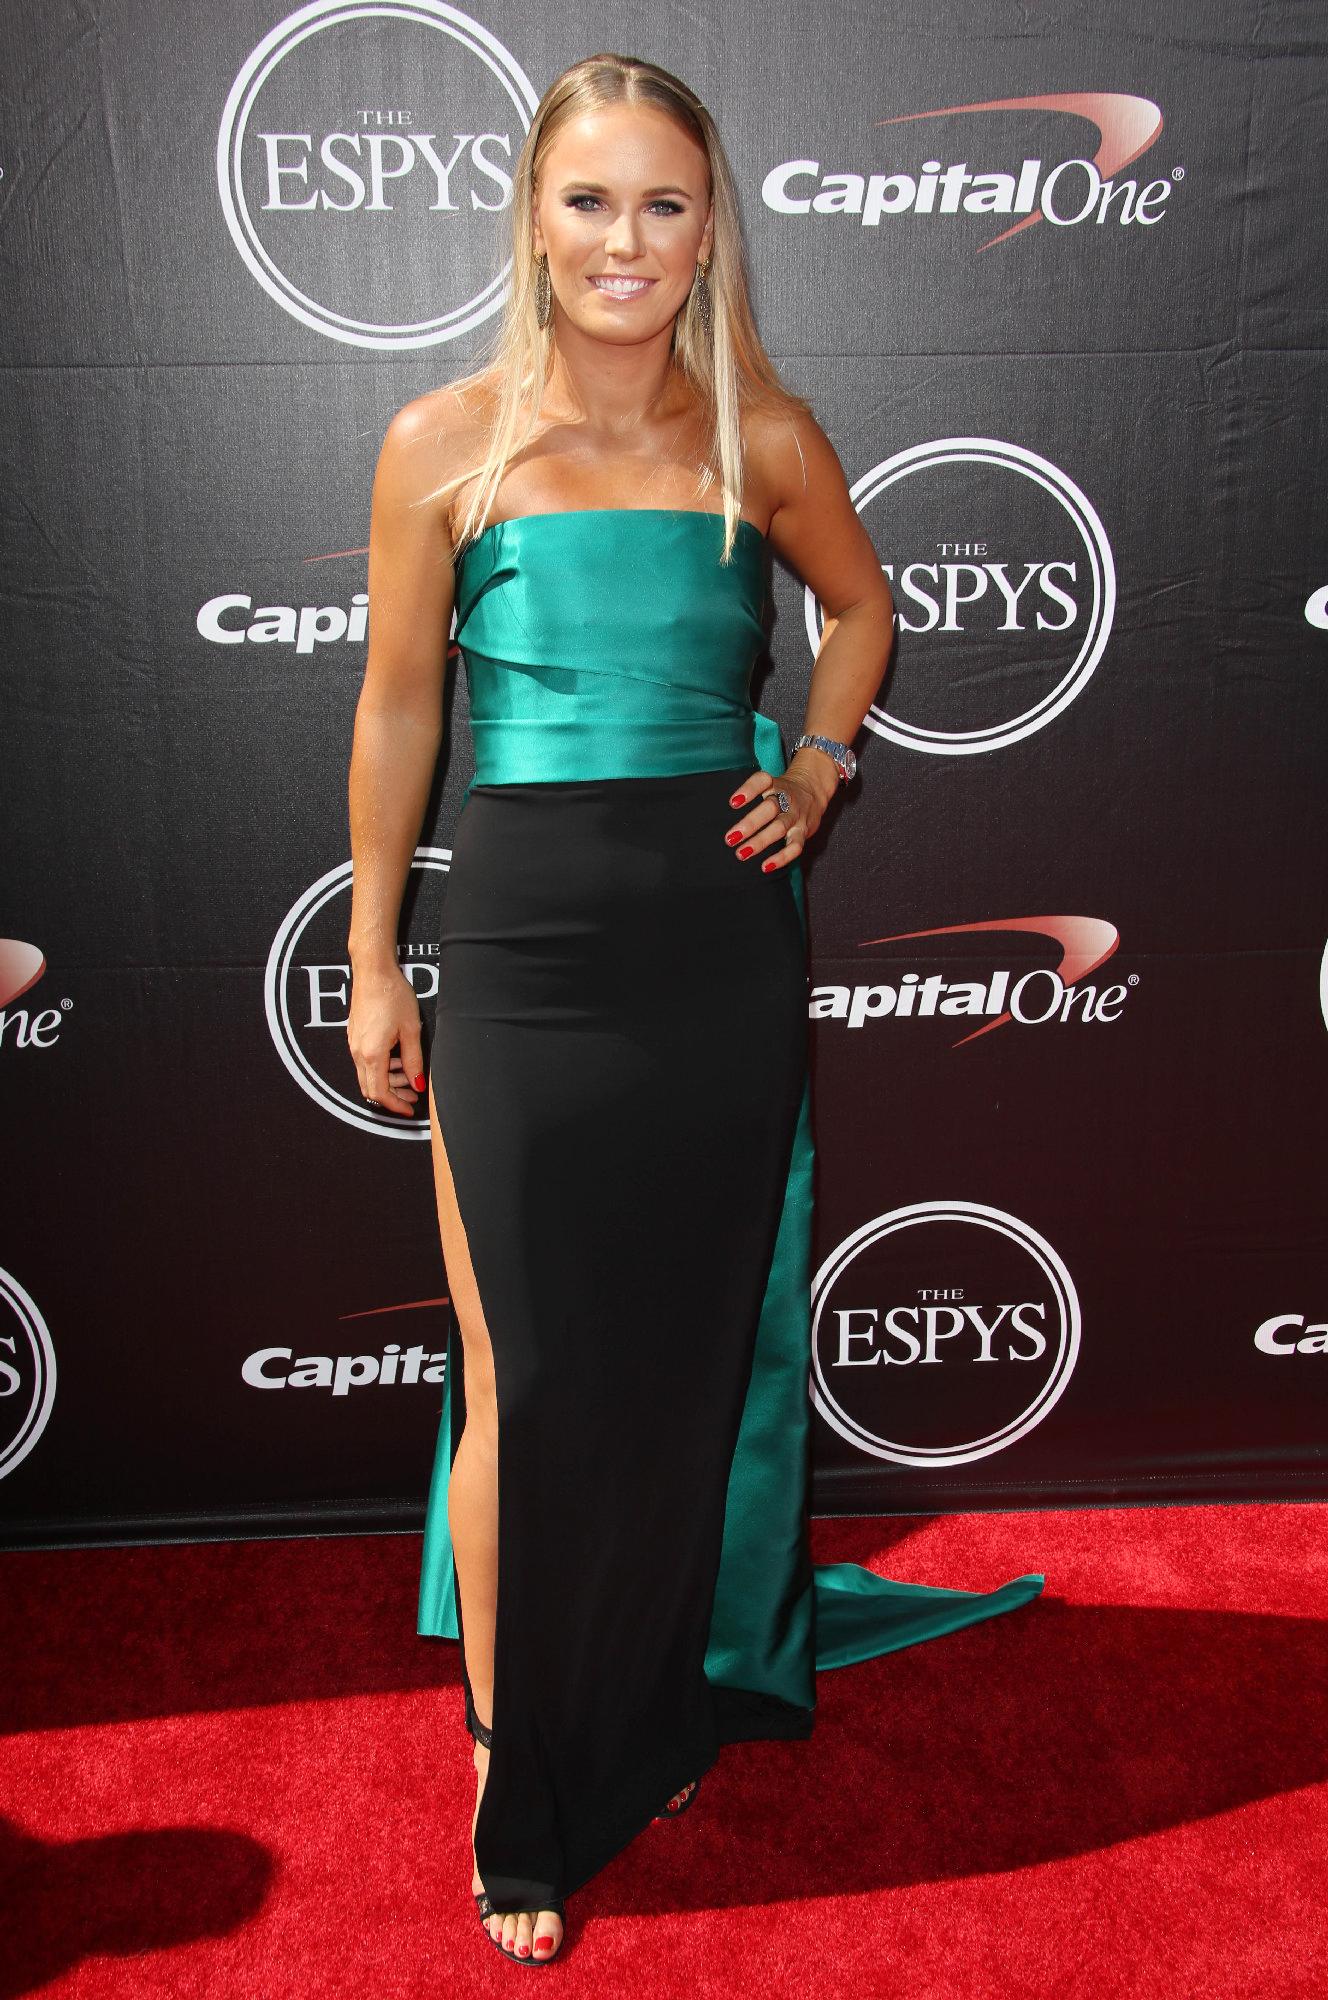 Cele mai frumoase sportive din lume. LOCUL 6: Caroline Wozniacki (28 de ani, Danemarca, tenis)   FOTO și VIDEO